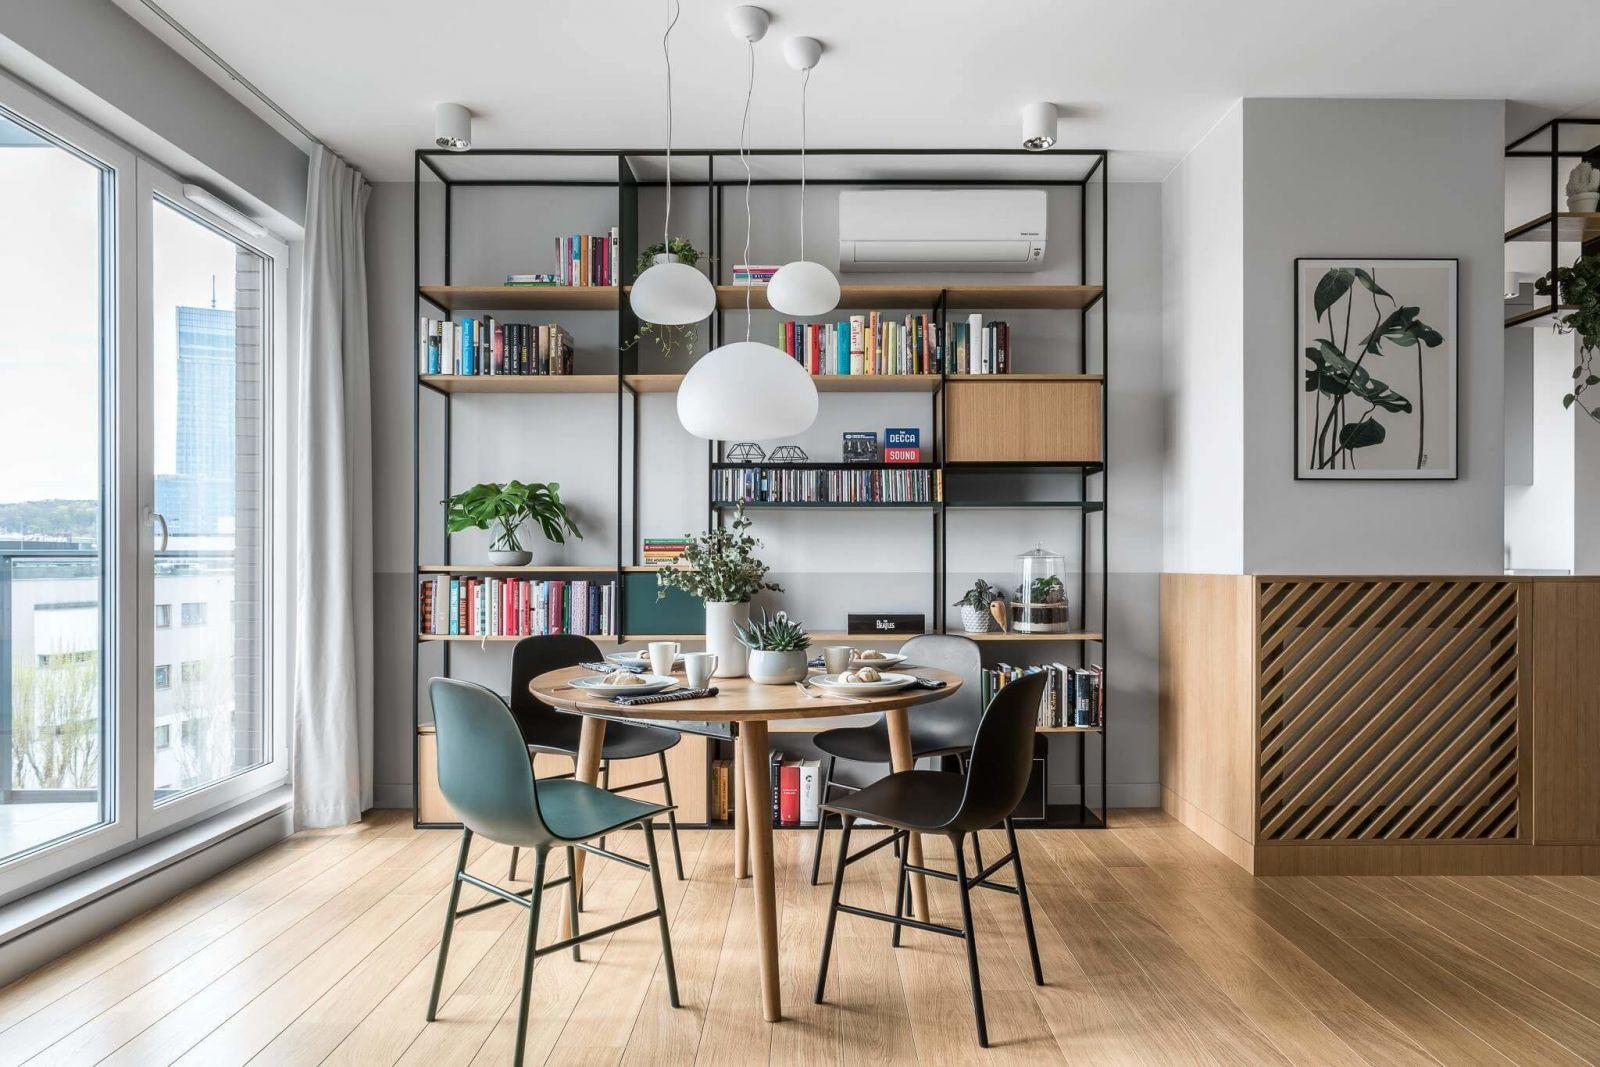 Дополнительный уют в помещении создается за счет открытых стеллажей для хранения, которые являются не только функциональным, но и декоративным элементом интерьера.